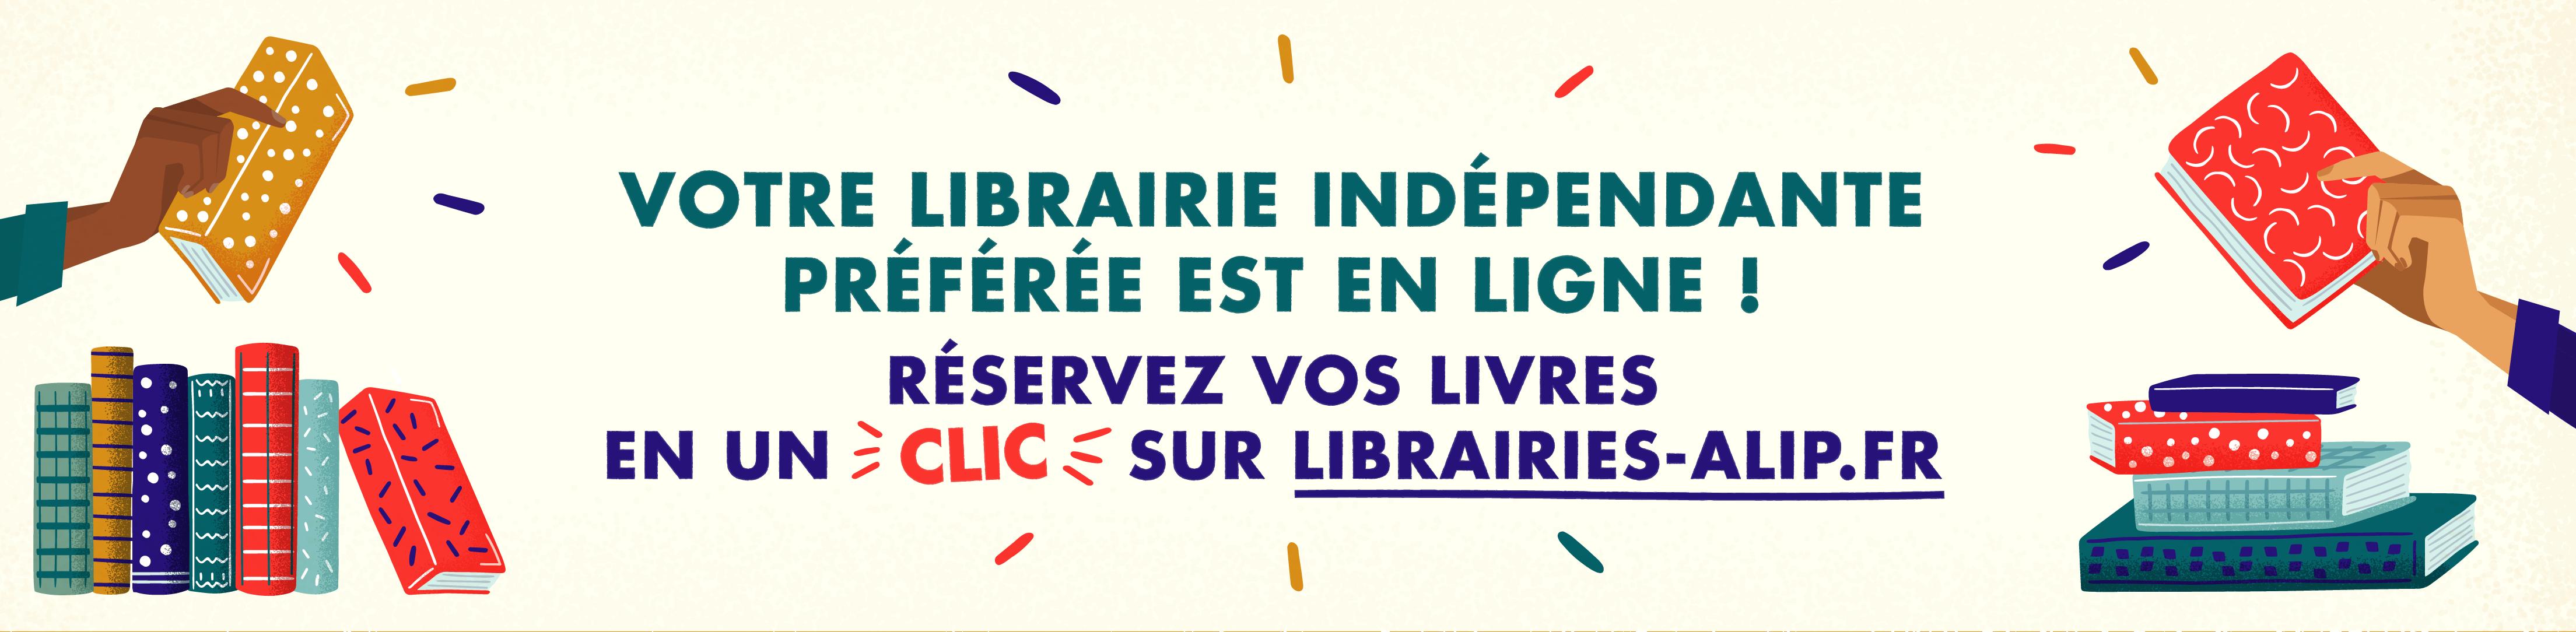 Votre librairie indépendante préférée est en ligne